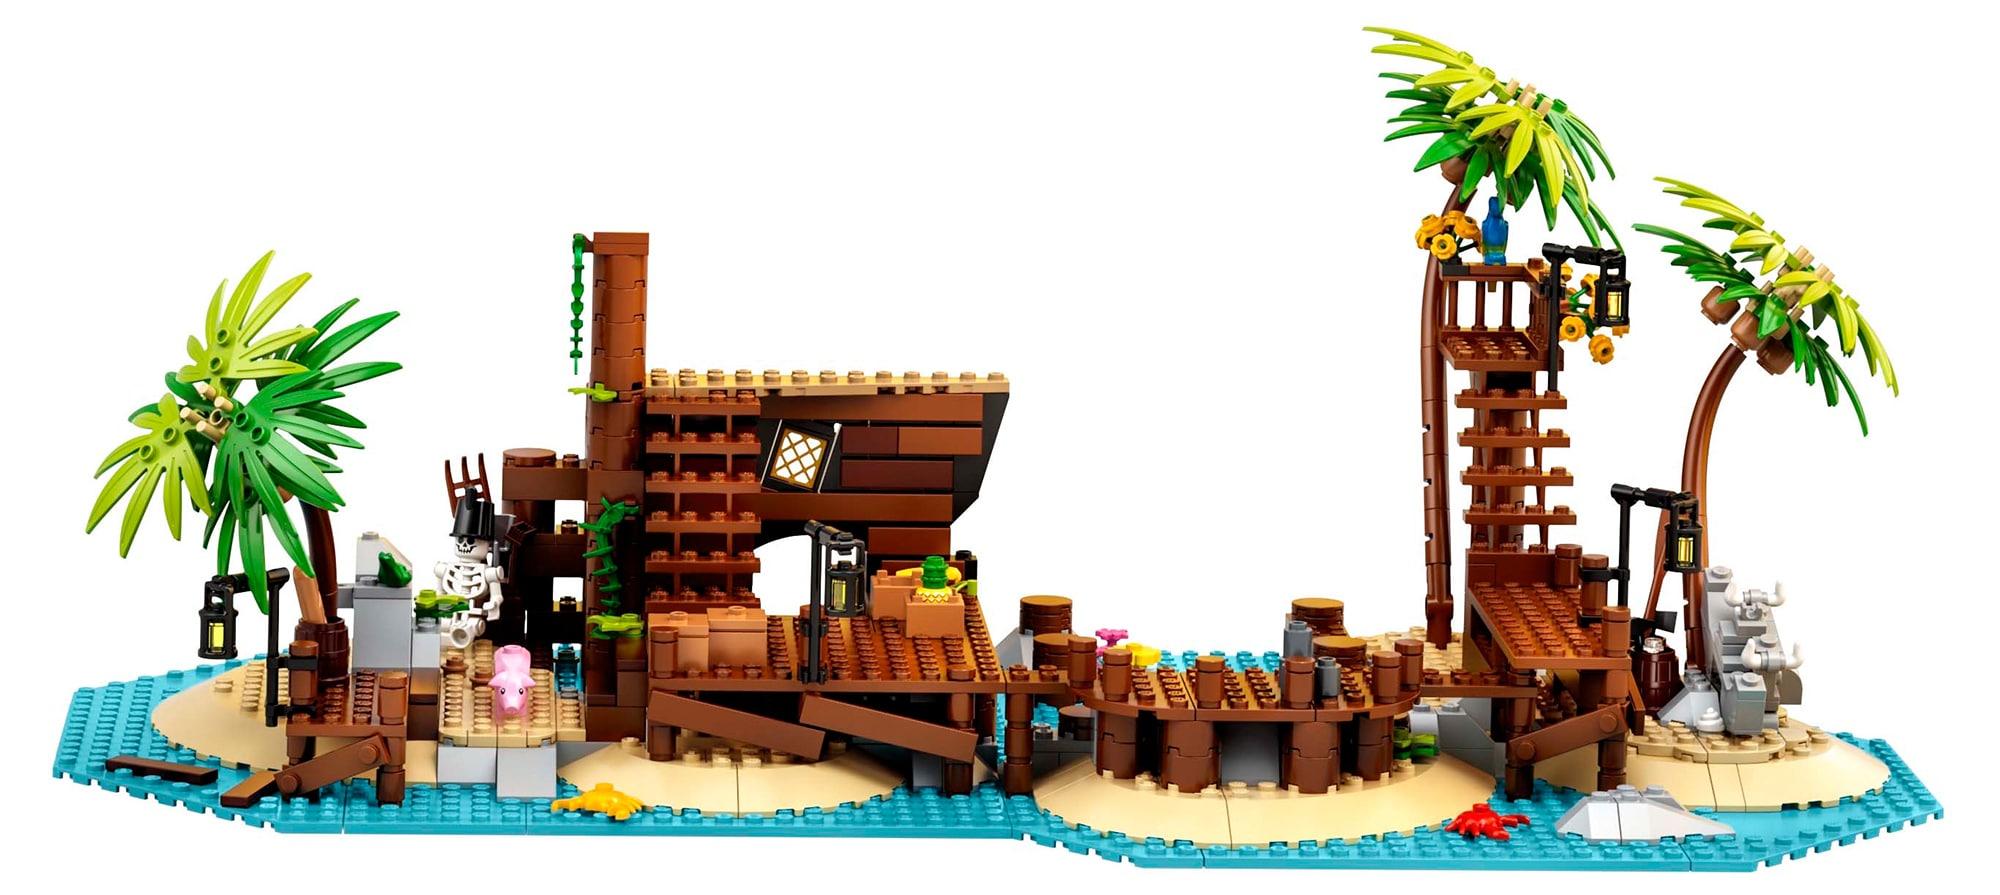 Die Überreste der Pirates of Barracuda Bay, wenn das Schiff entnommen wurde